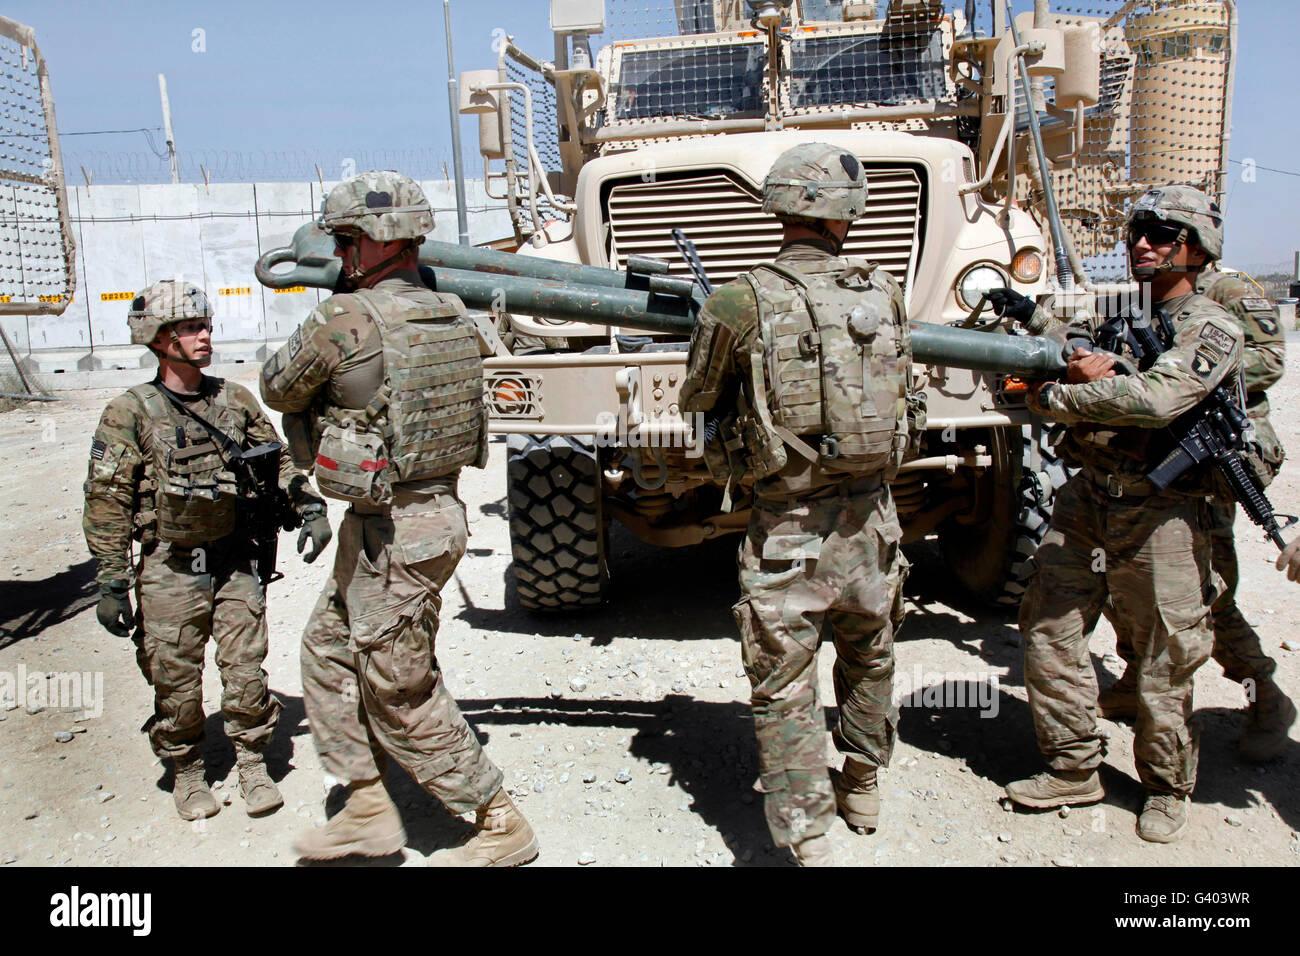 Soldados de EE.UU. mover una barra de remolque de un vehículo a otro. Foto de stock